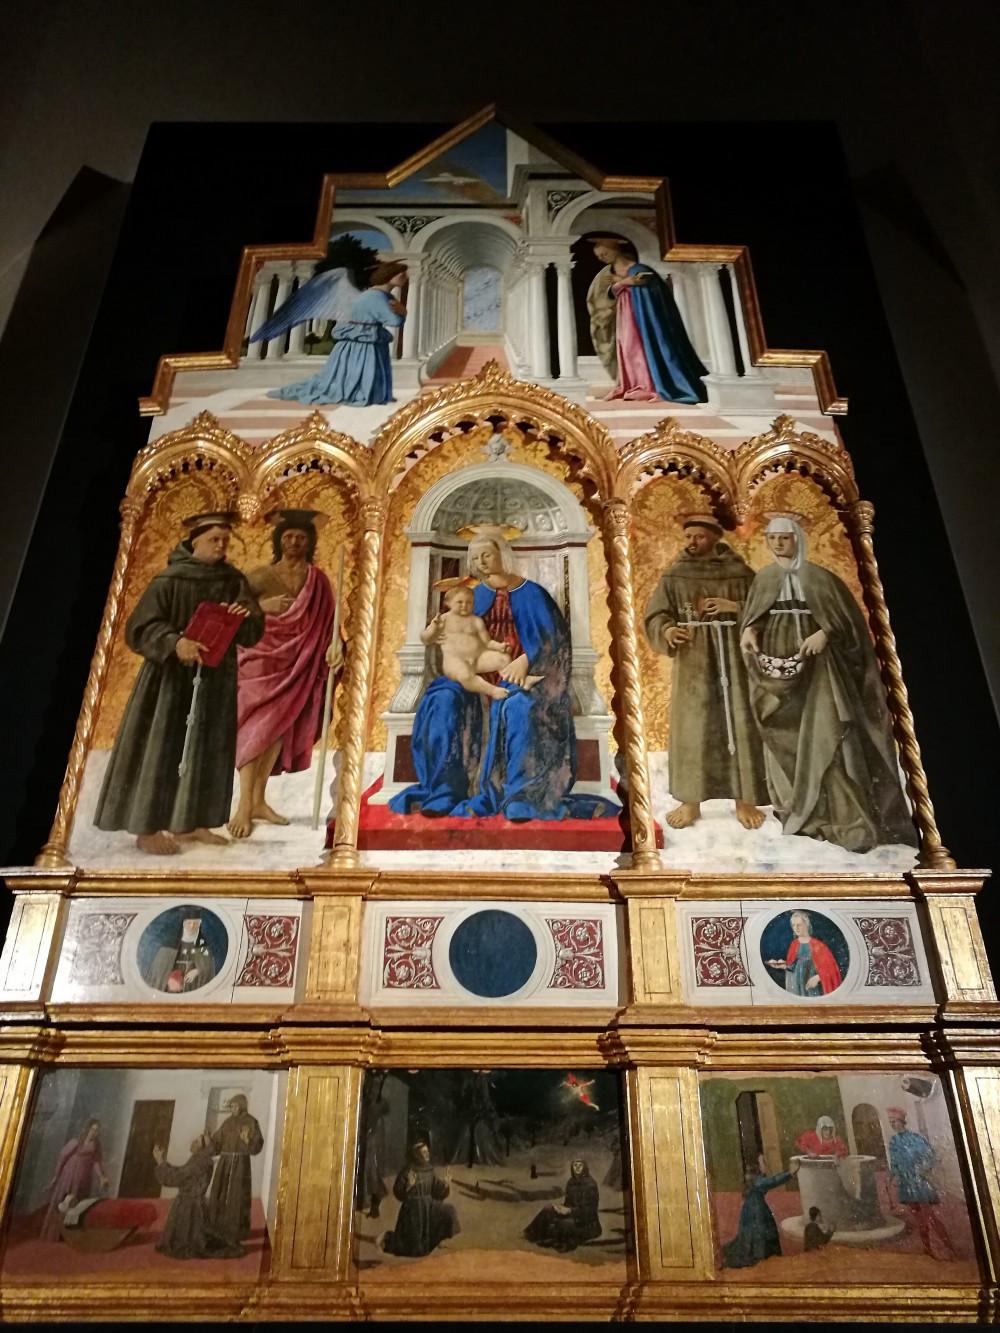 Galleria dell'Umbria - Piero Della Francesca